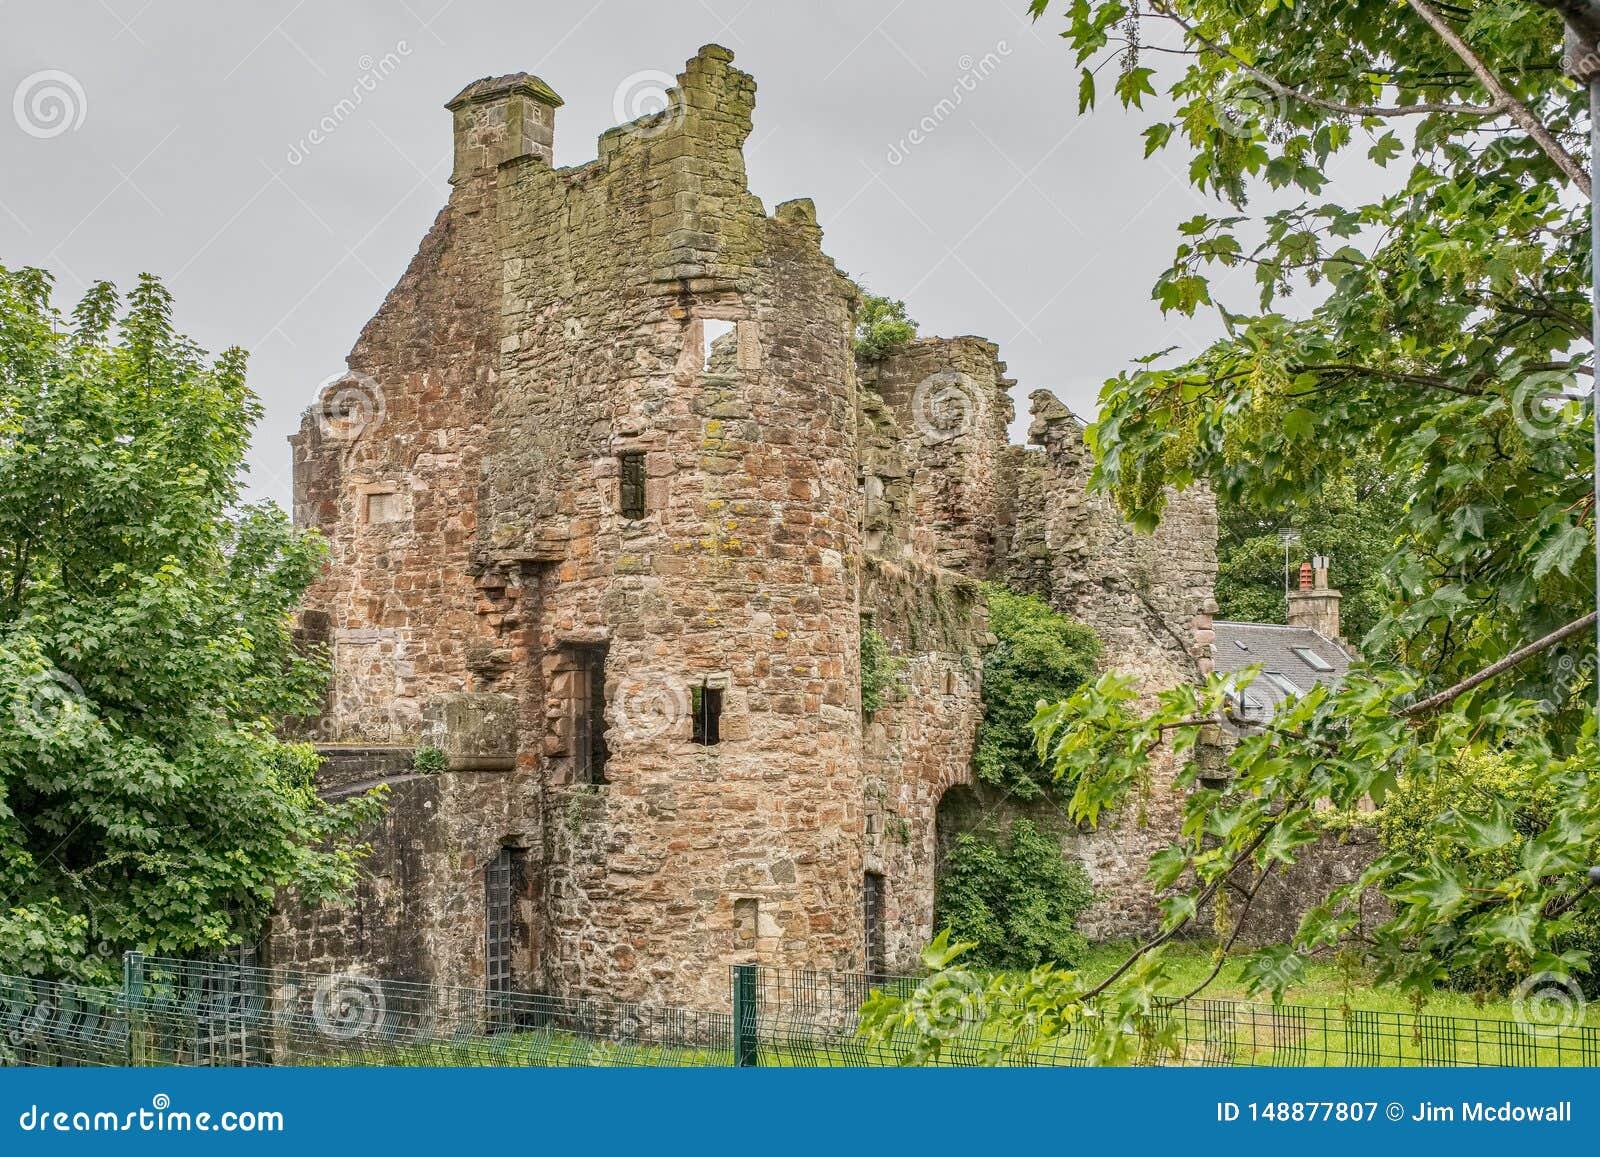 Αρχαίες καταστροφές Seagate Castle Irvine Σκωτία που επισκέπτεται από τη βασίλισσα της Mary σκωτσέζικου